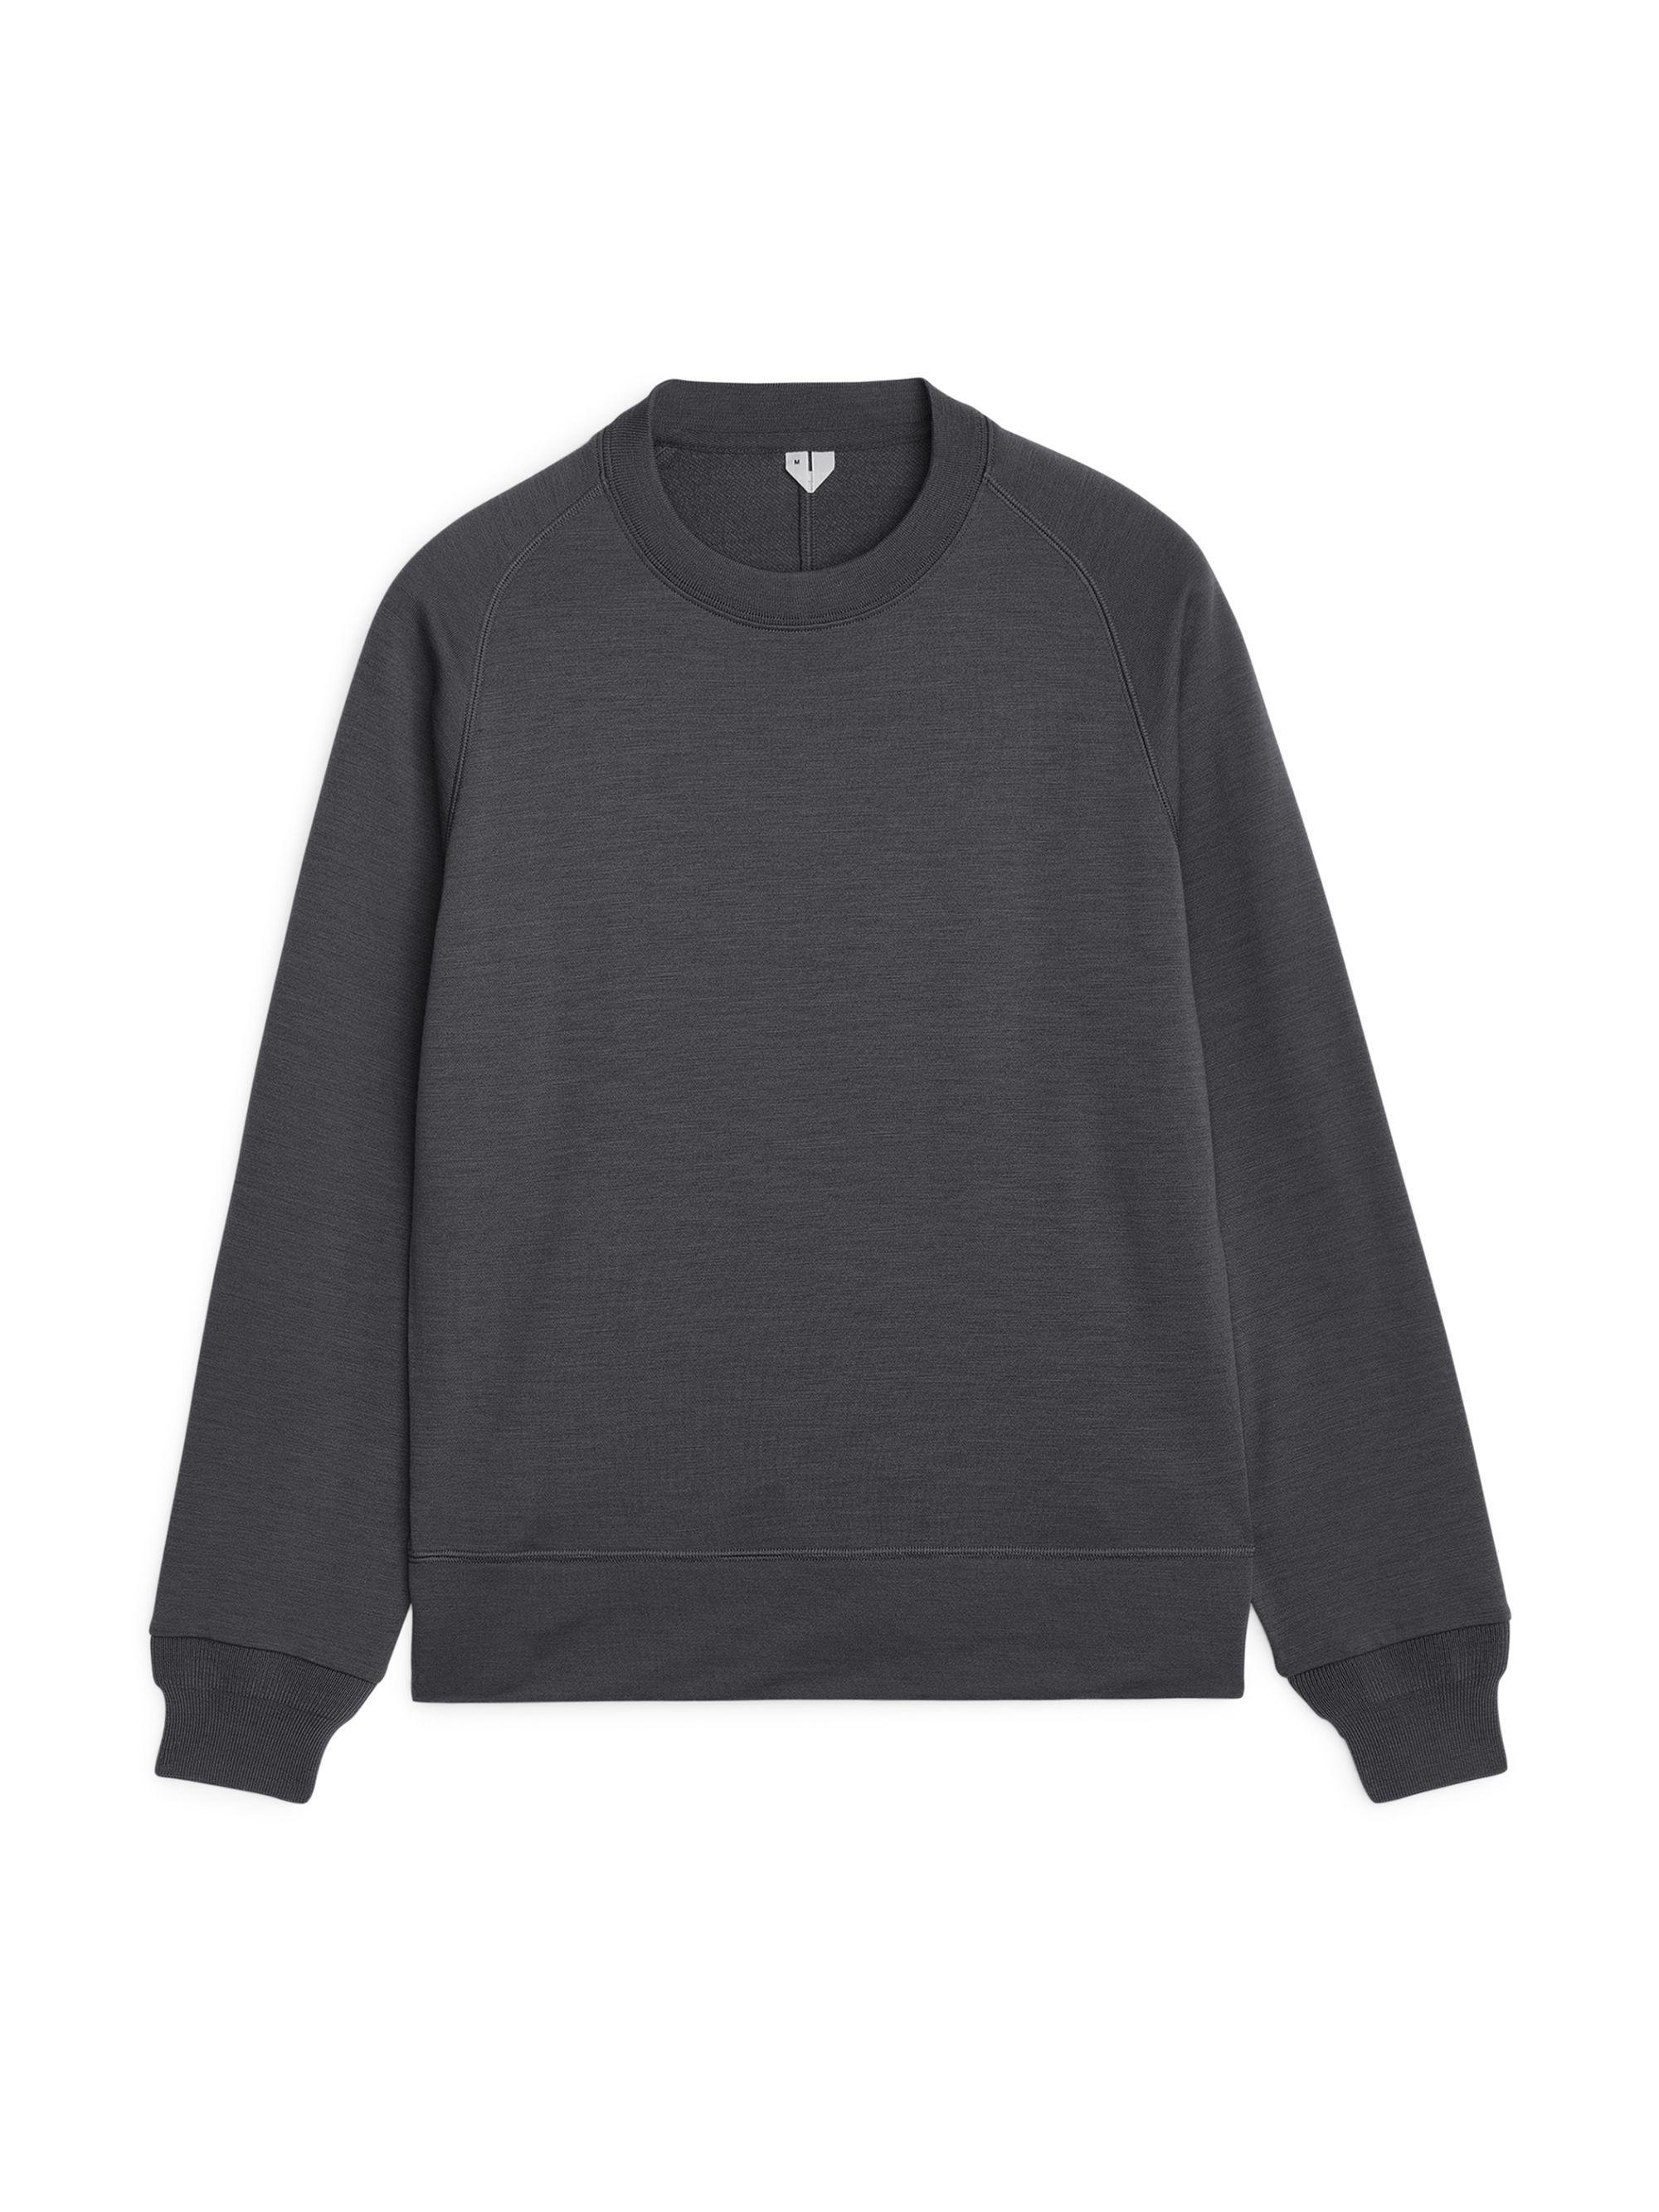 ARKET Wool French Terry Merino Sweatshirt in Grey (Grey) for Men